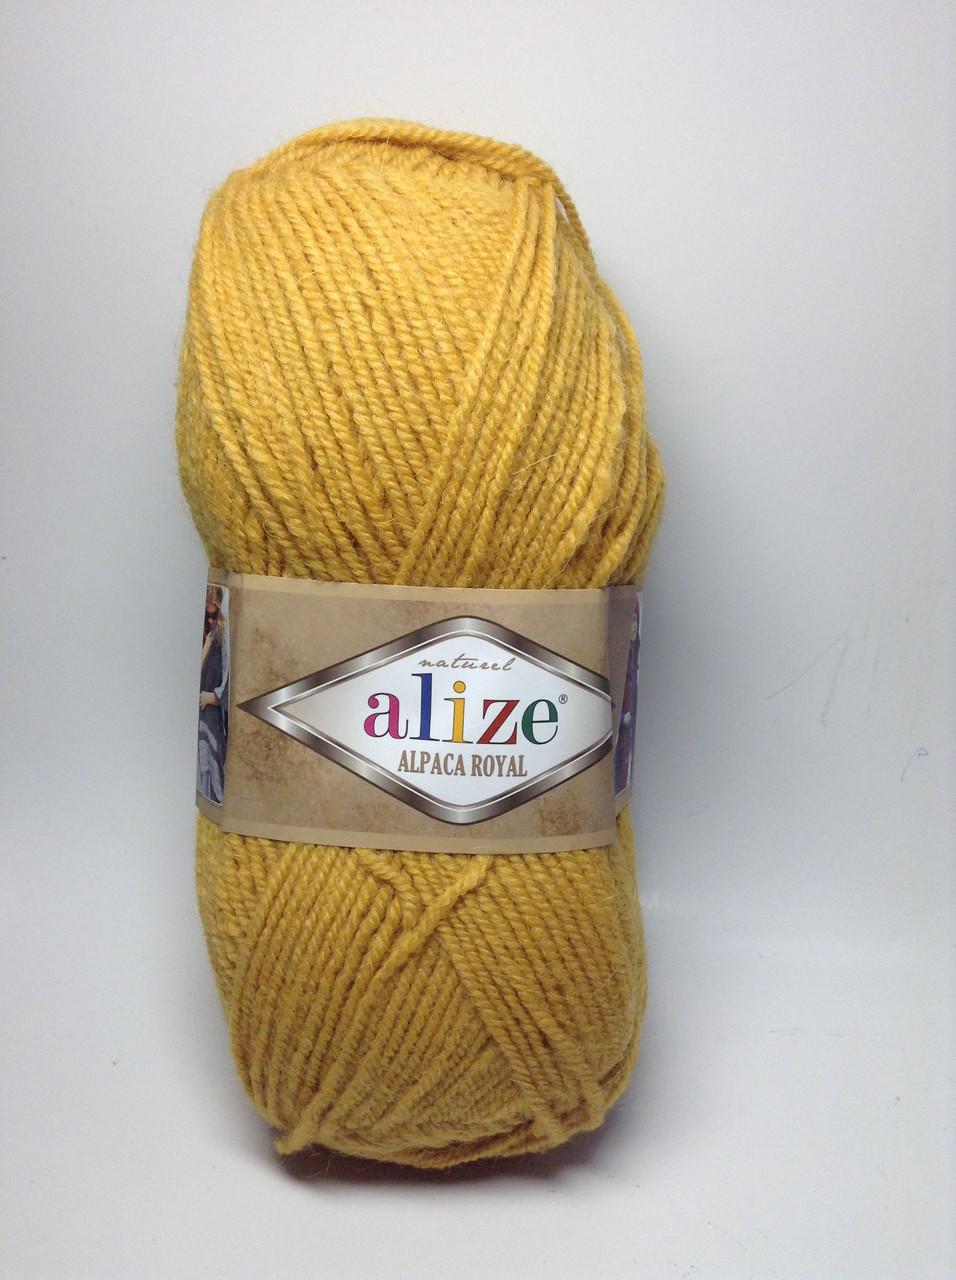 Пряжа alpaca royal - колір шафран